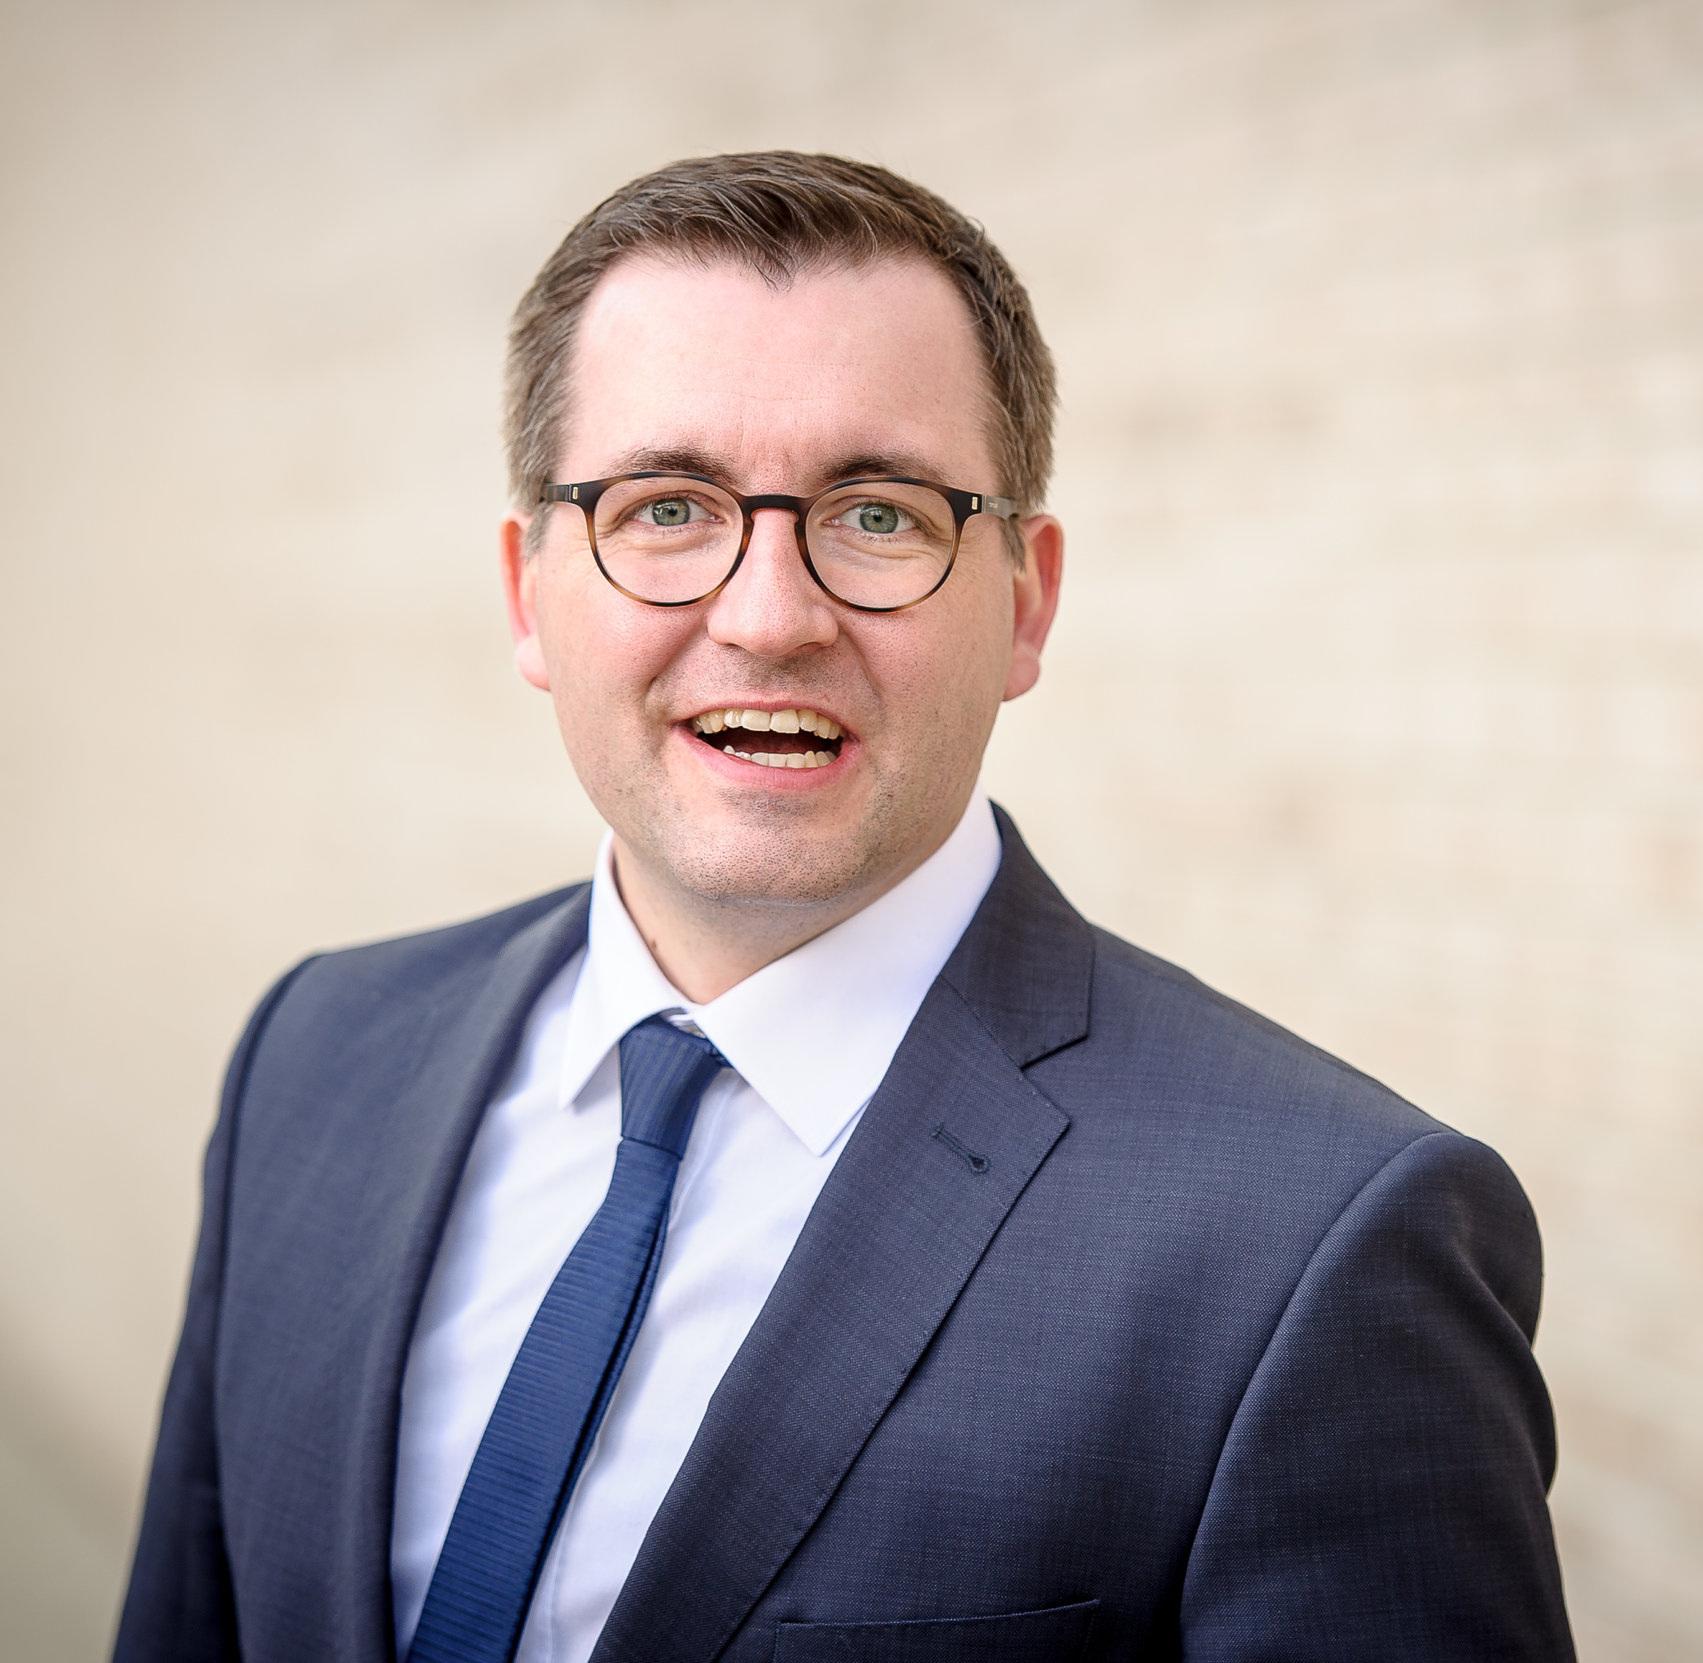 Rechtsanwalt Dr. Florian Hofmann